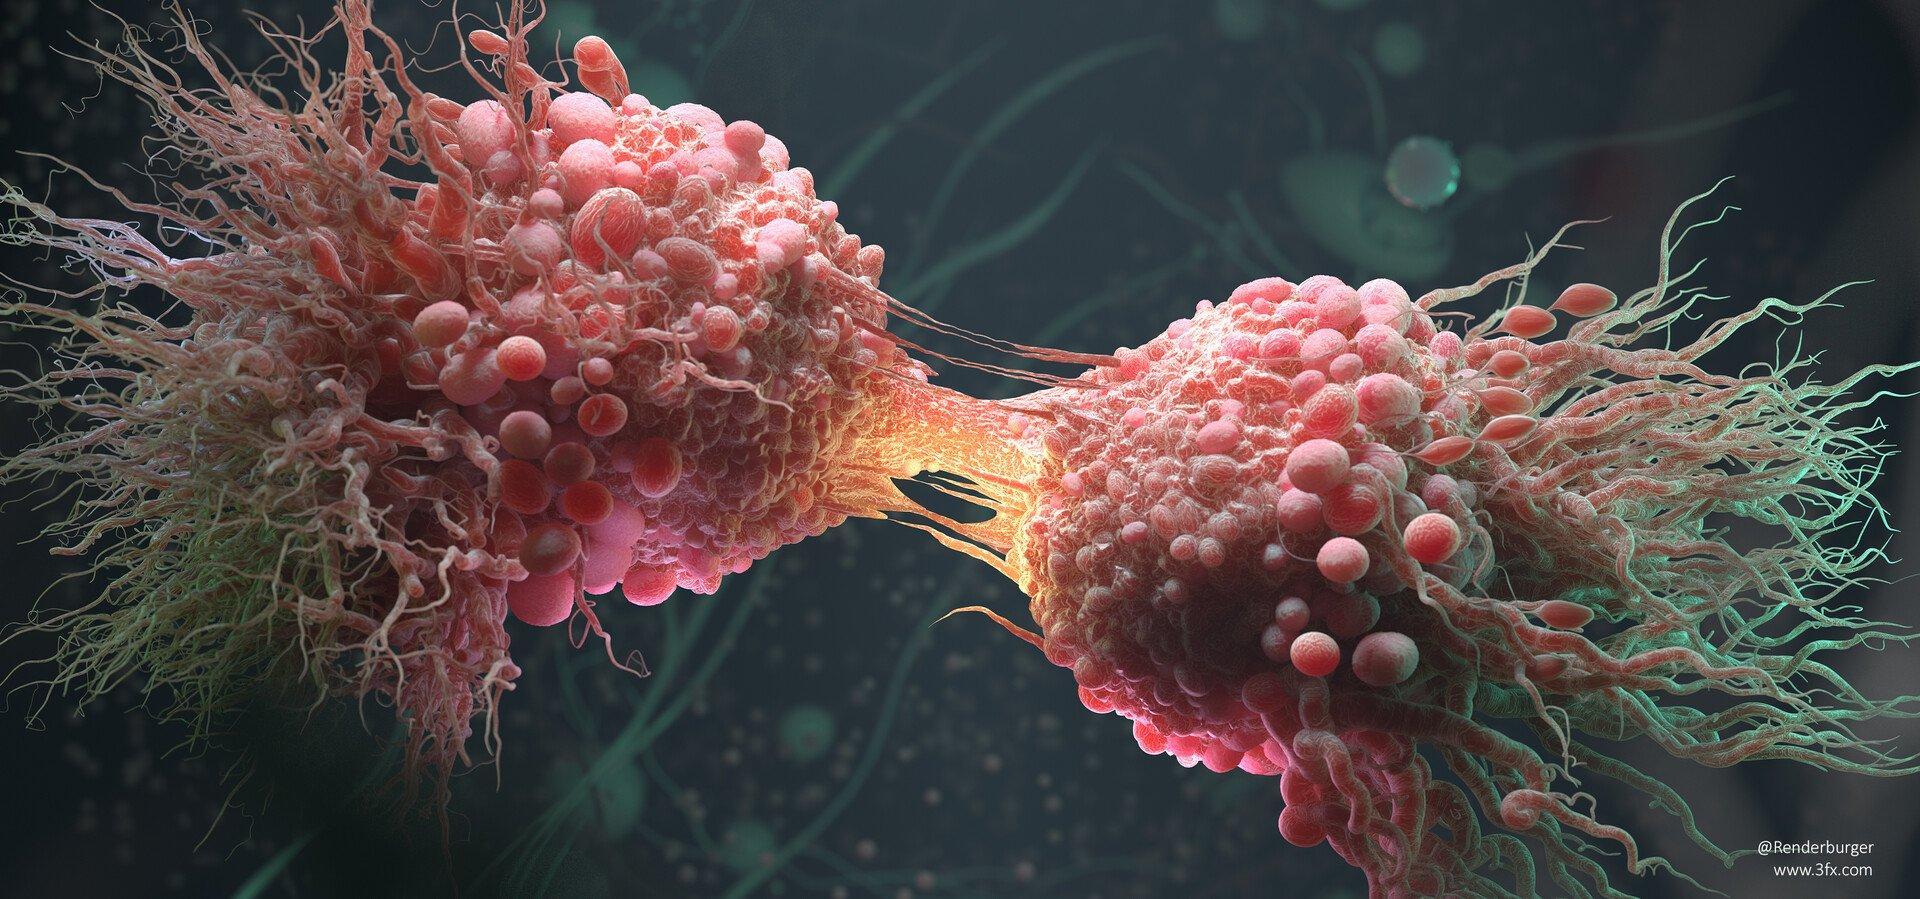 Революционный метод на основе технологии CRISPR/Cas9 помог уничтожить раковые клетки